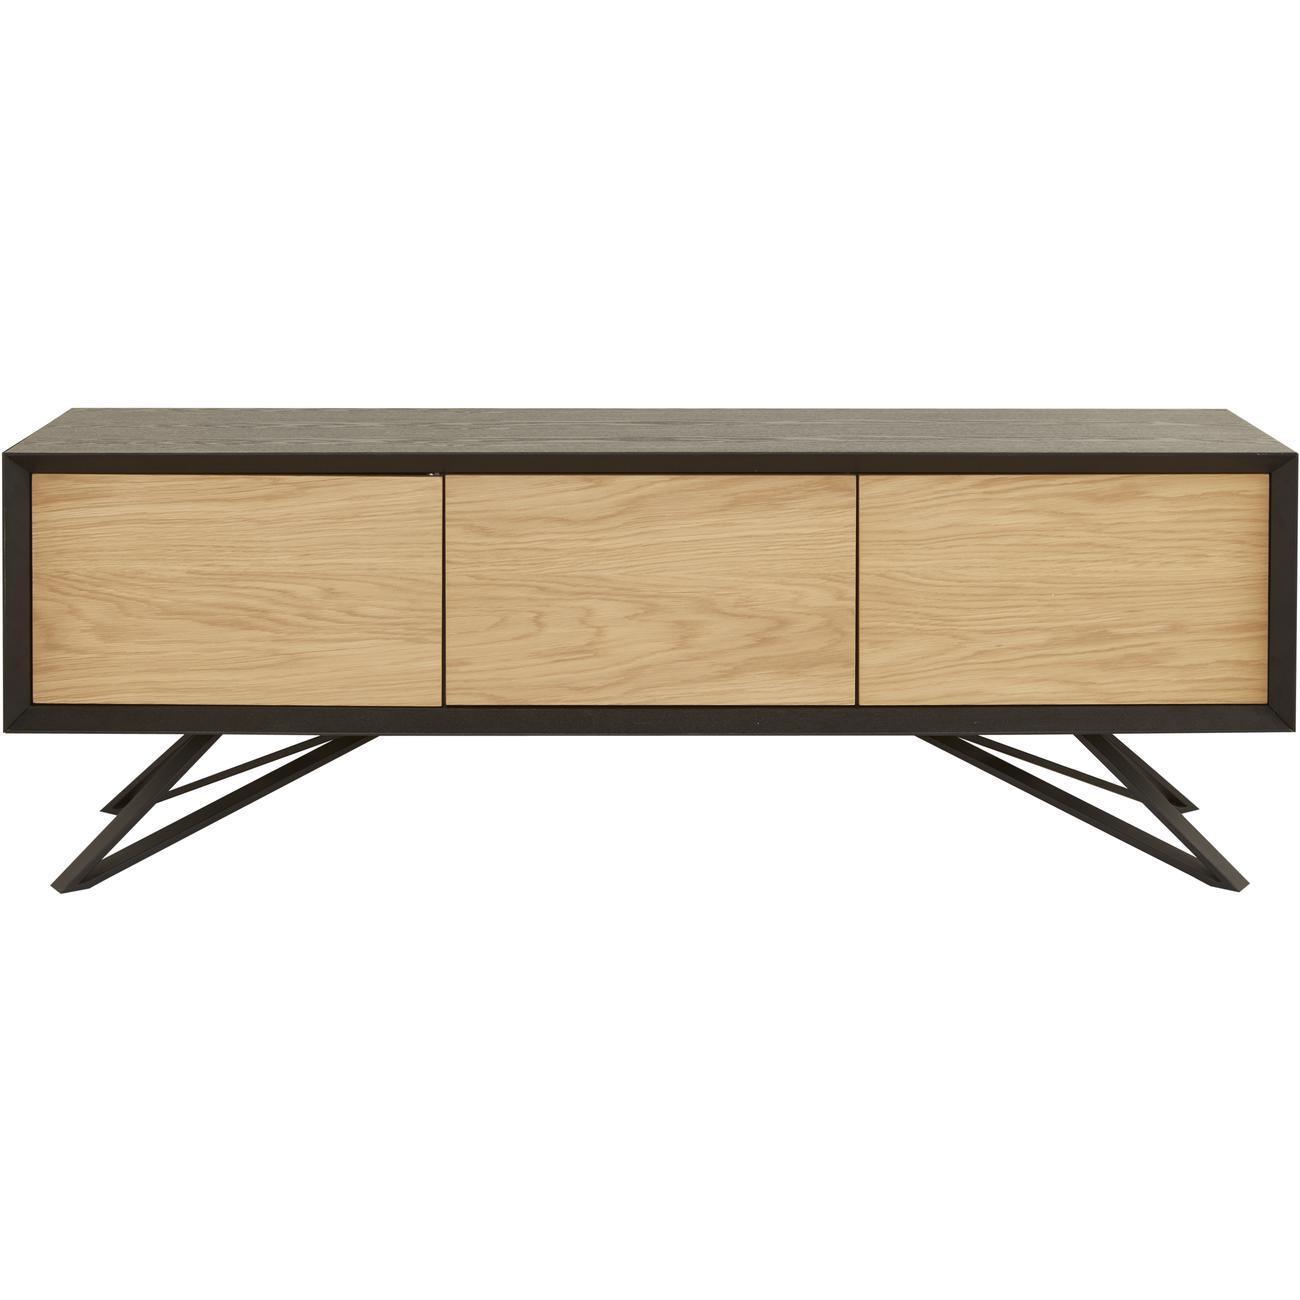 Quelle Hauteur Meuble Tv meuble tv 3 portes dane bois naturel & noir   bobochic ®